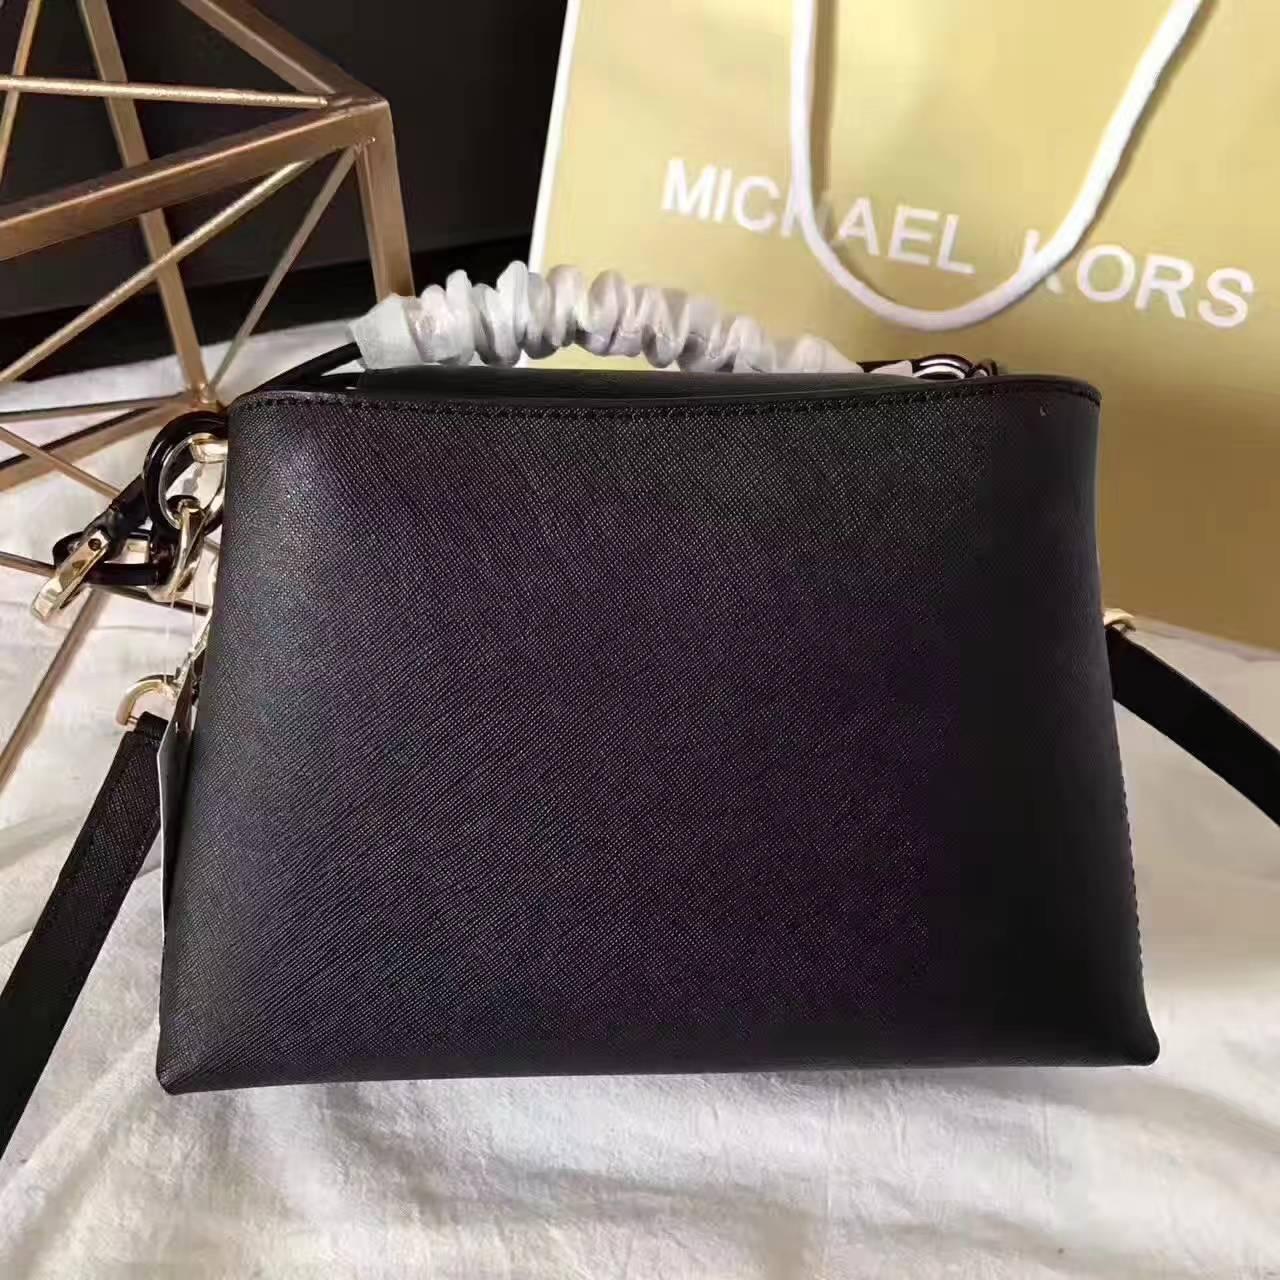 2017新款MK包包 迈克科尔斯海报款玉石单肩包斜挎包 黑色